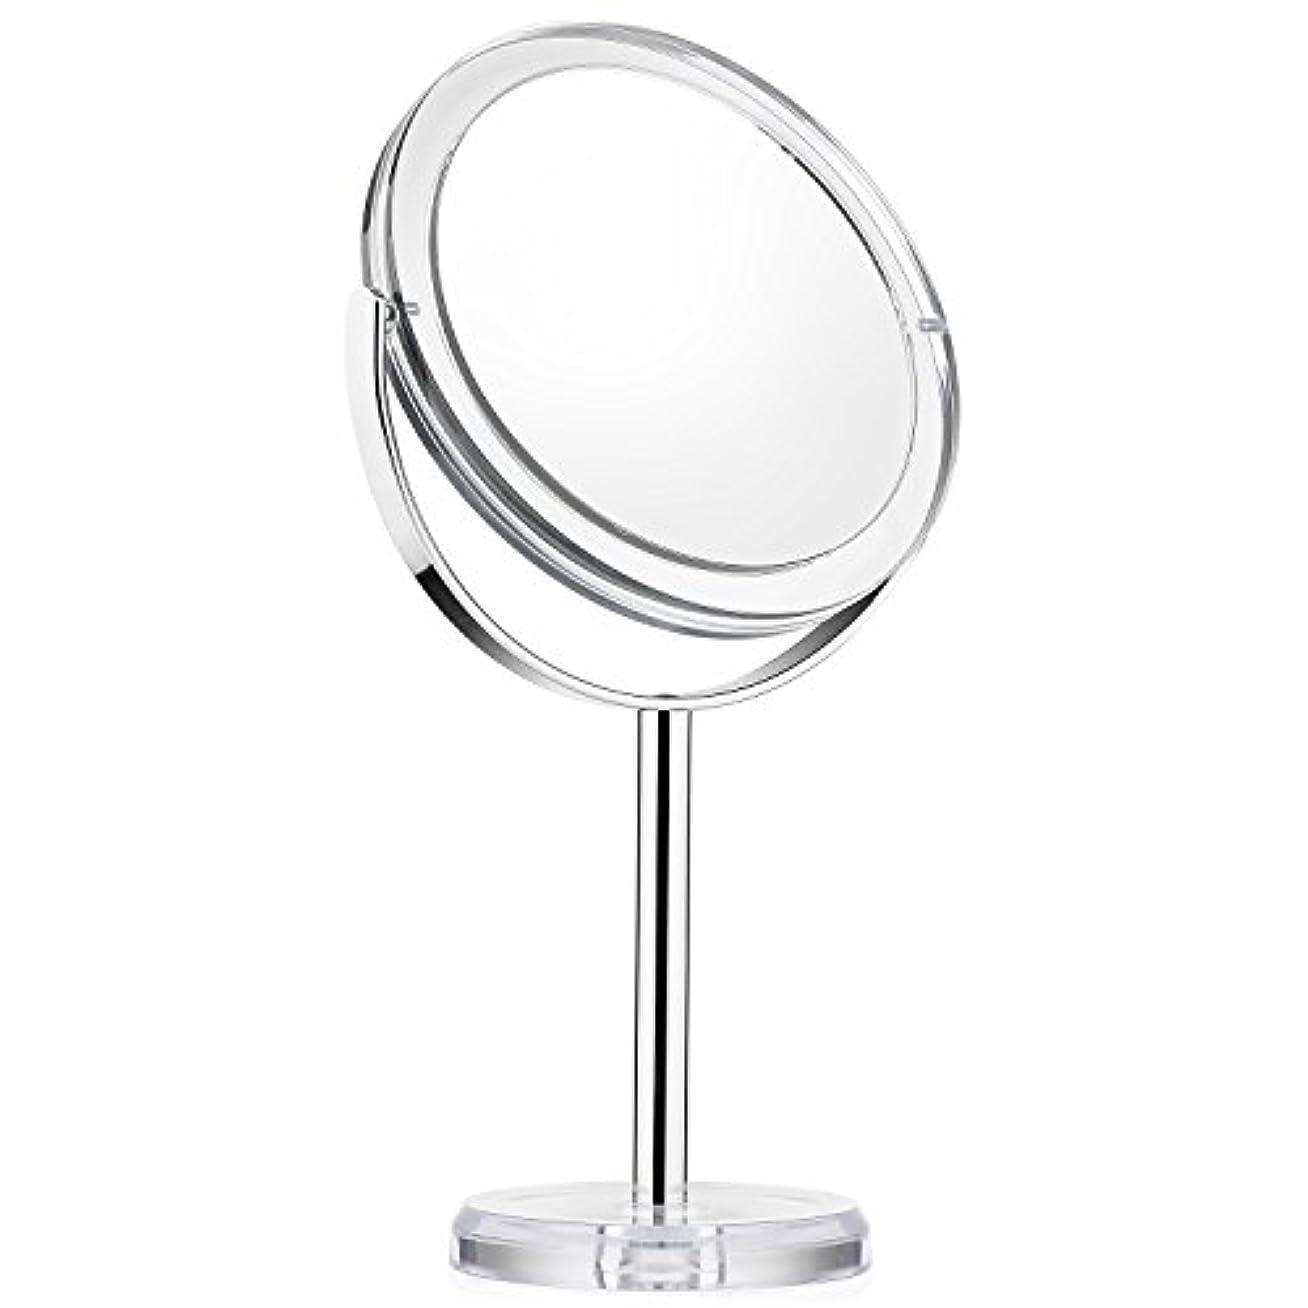 データ尊厳歩き回る化粧ミラー Beautifive 鏡 卓上 化粧鏡 メイクミラー 卓上ミラー スタンドミラー卓上 等倍卓上両面鏡 卓上鏡 7倍拡大スタンドミラー 360°回転可 光学レズン高解像度